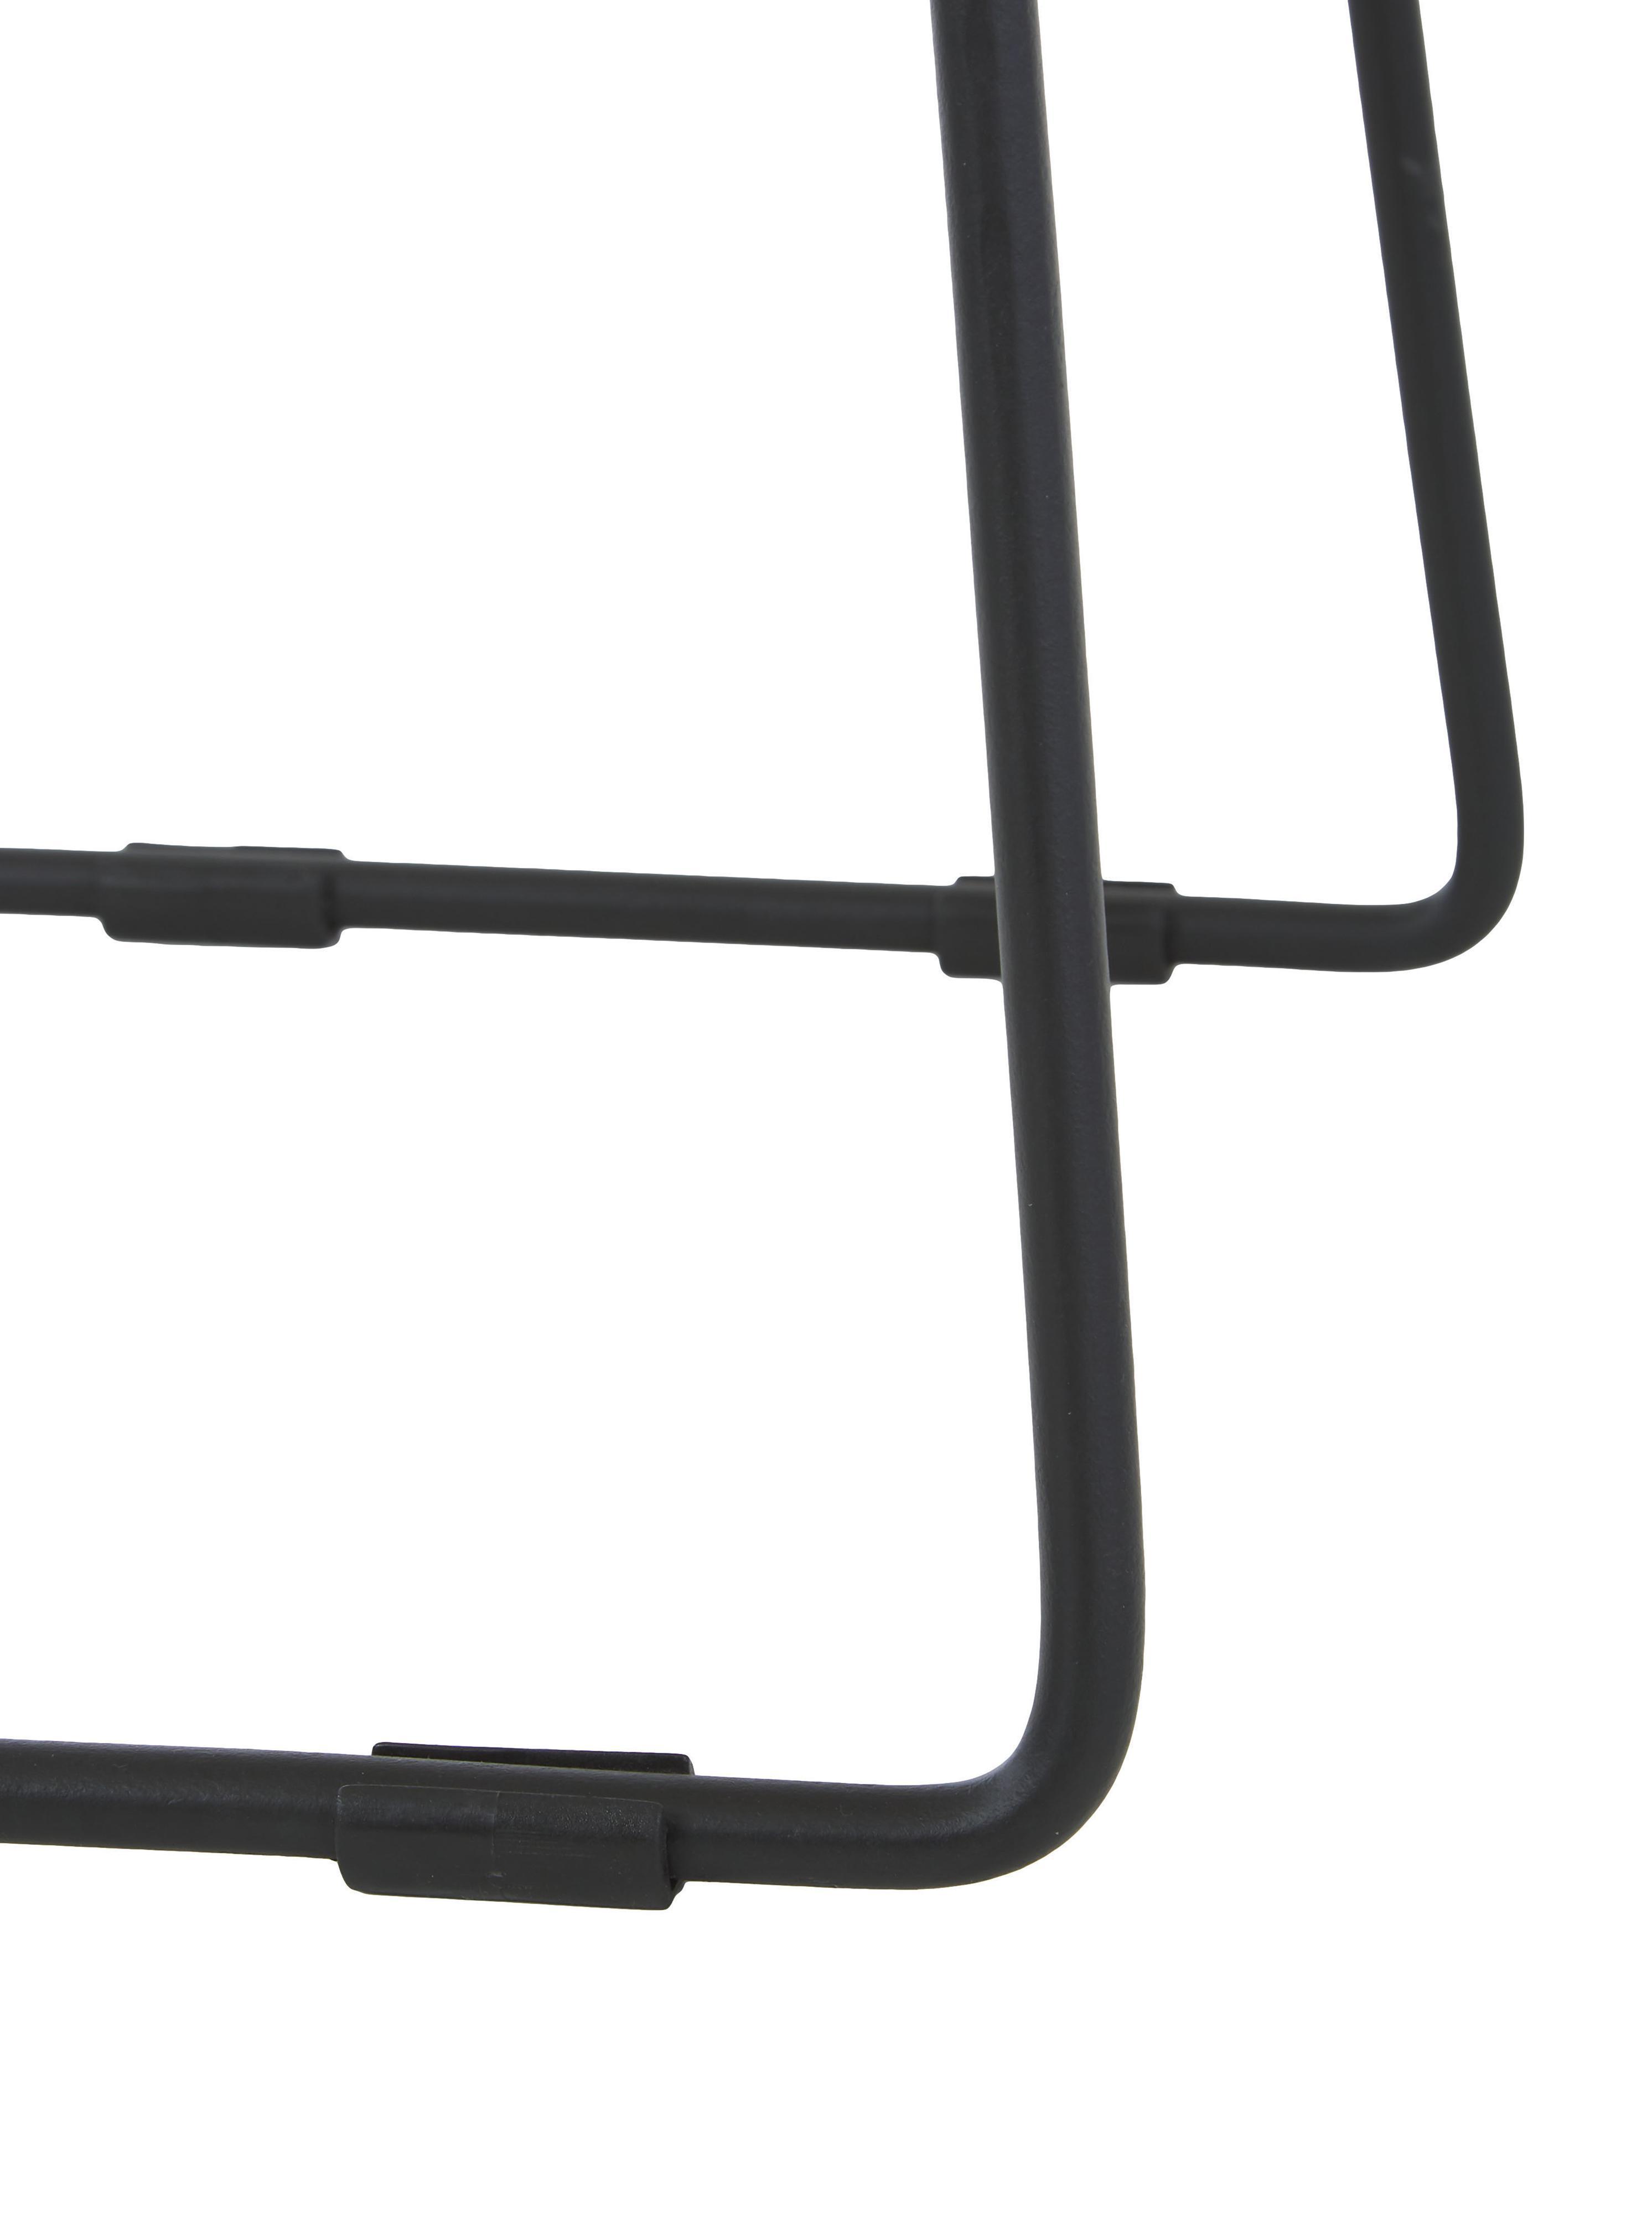 Thekenhocker Tangle aus Teakholz und Metall, Beine: Metall, pulverbeschichtet, Braun, 40 x 65 cm